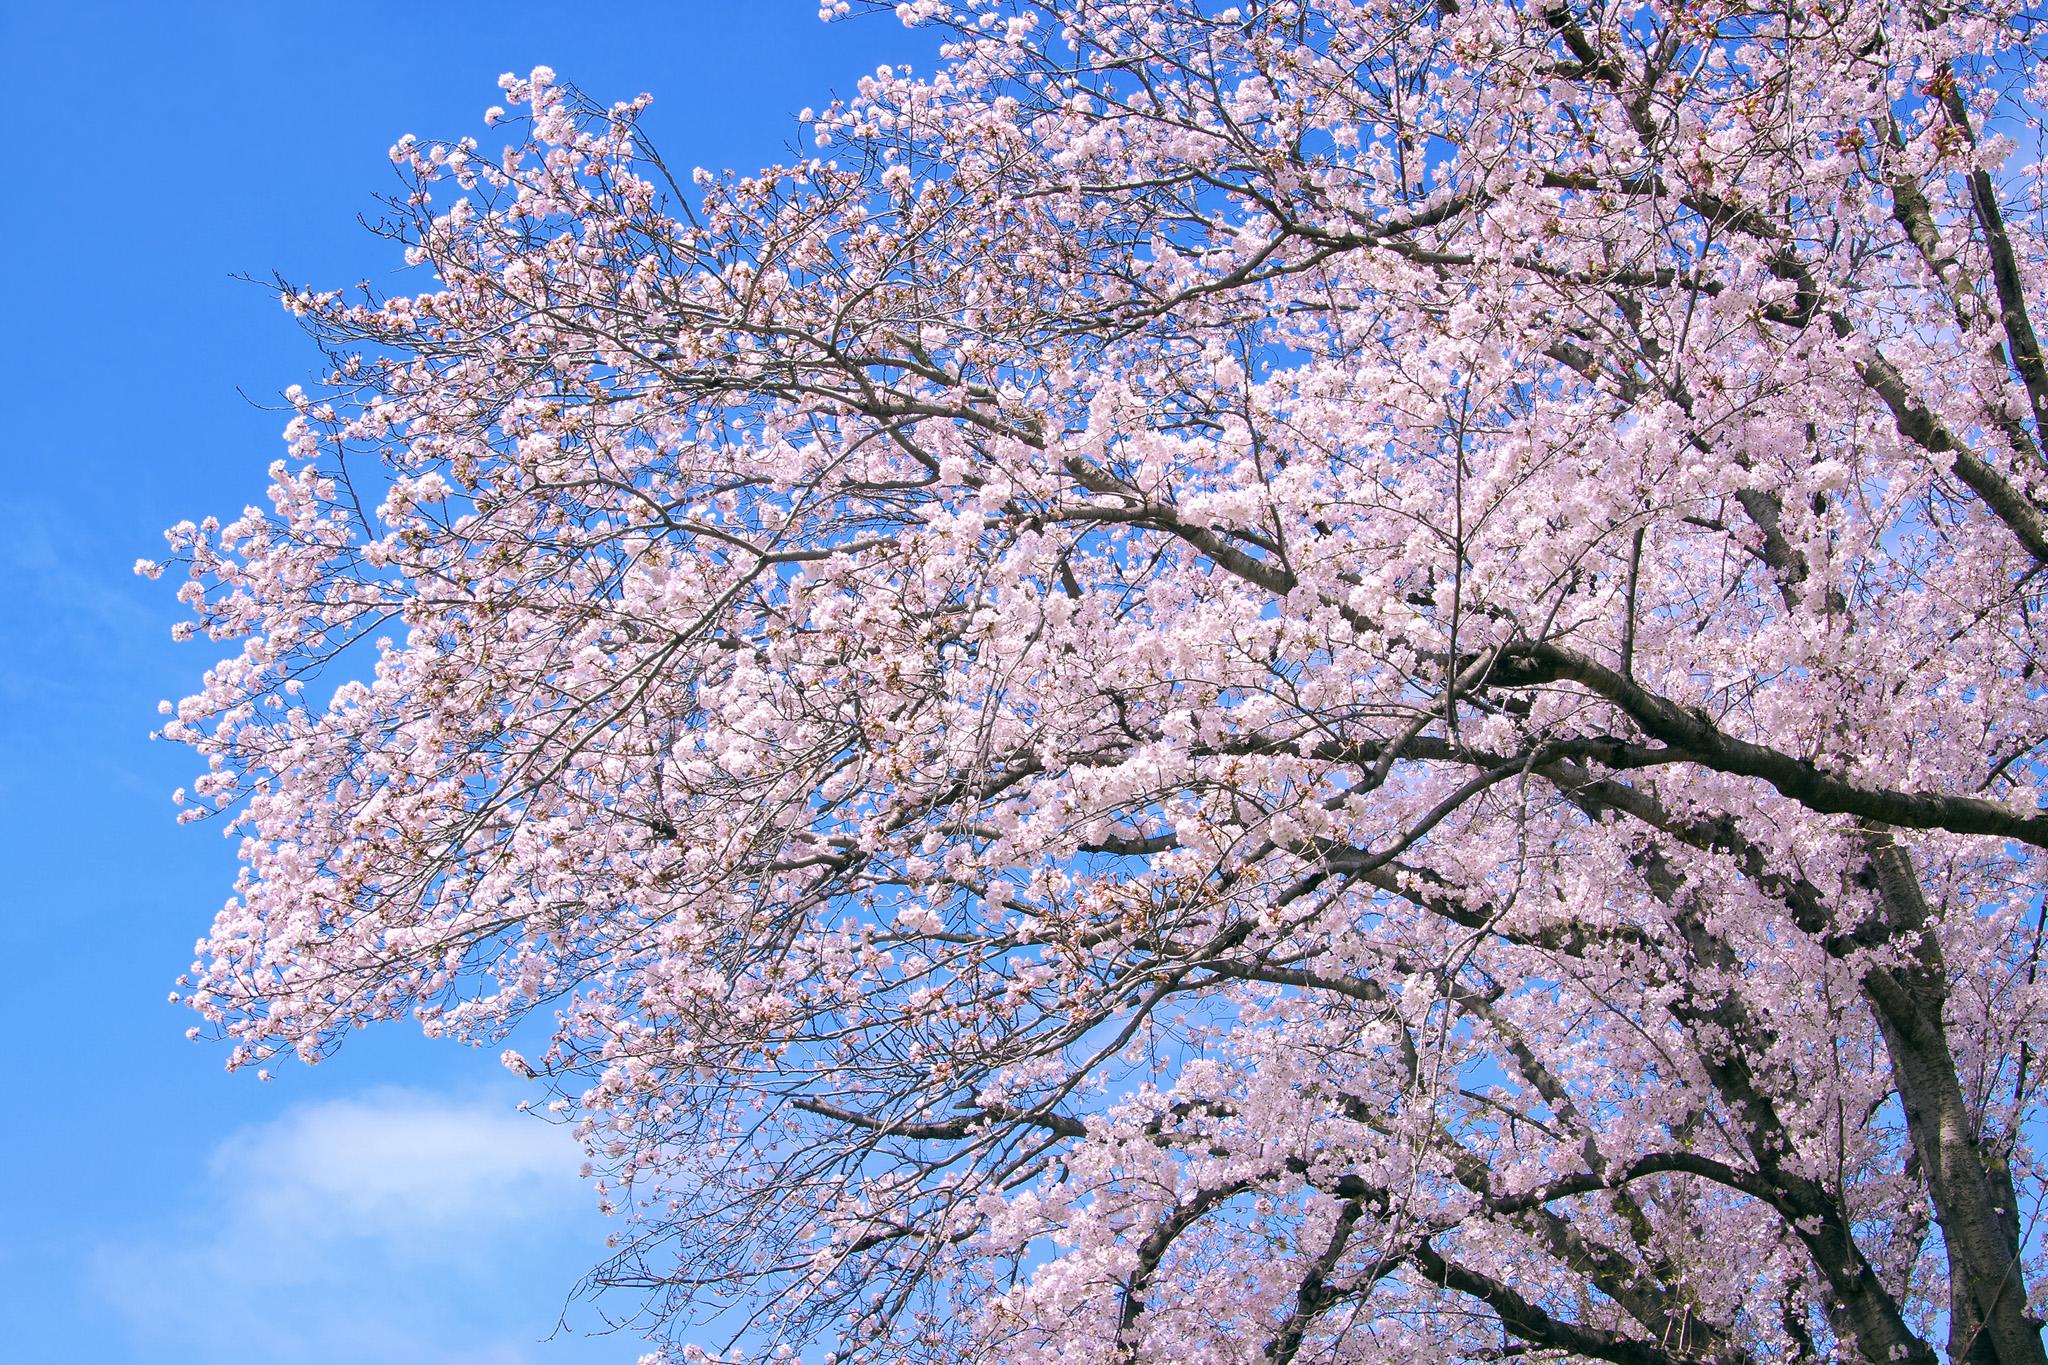 「ピンクの花咲く桜の木」の画像を無料ダウンロード